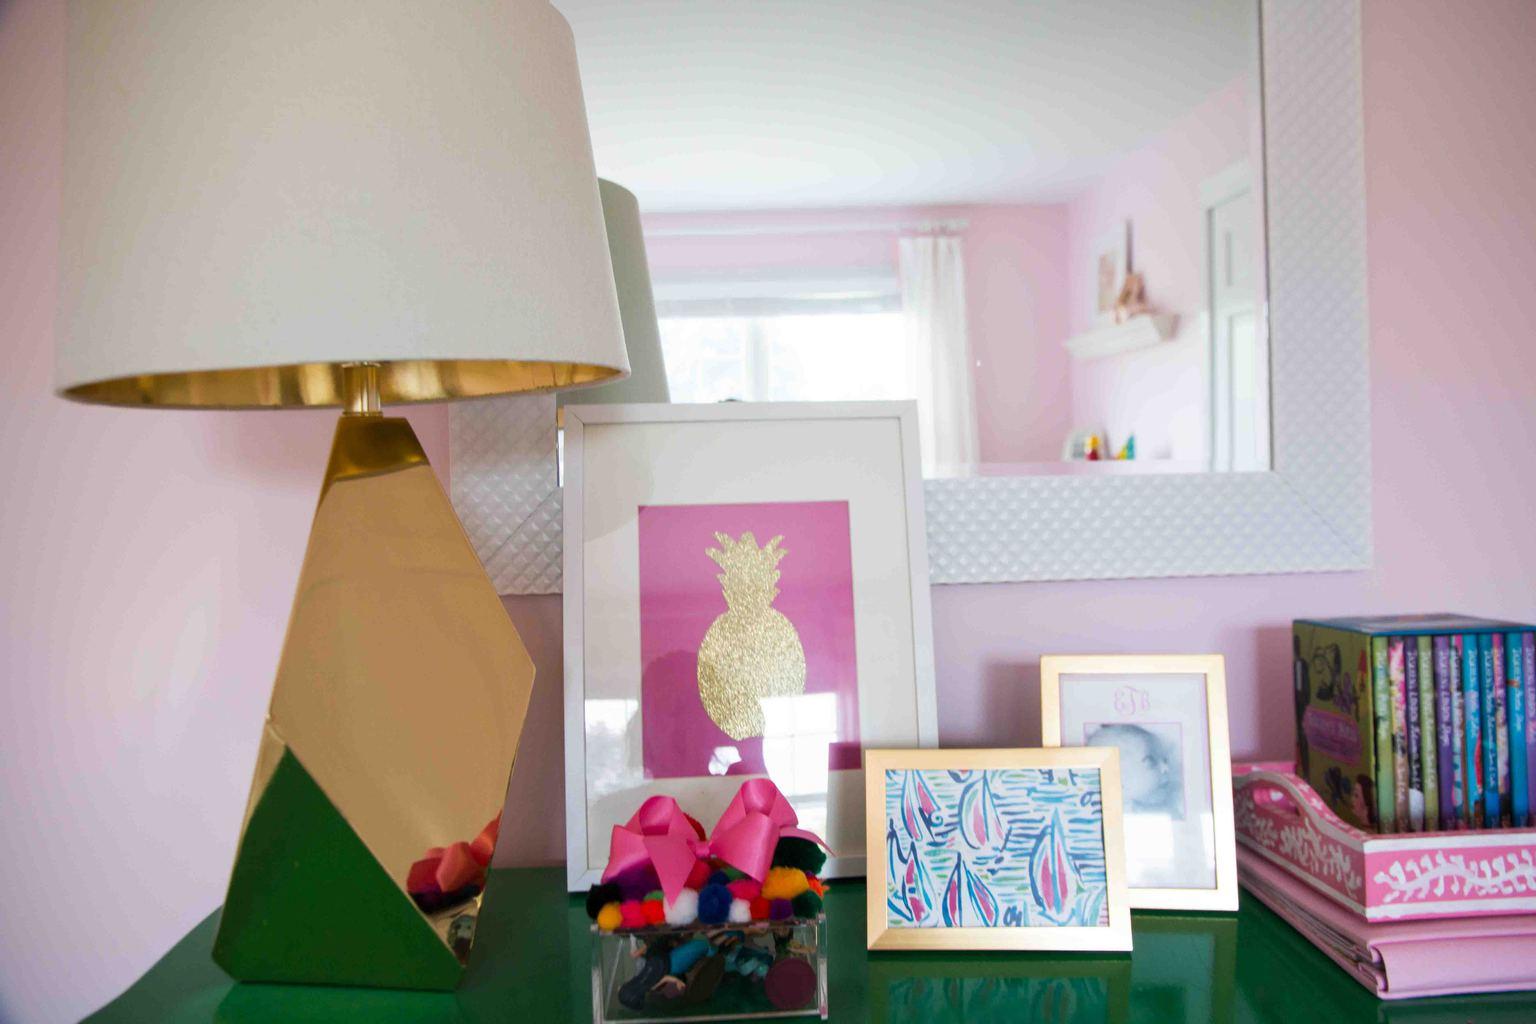 Budget Friendly art | Budget friendly artwork for your home| Easy DIY art - Budget Art by popular home decor blogger DIY Decor Mom